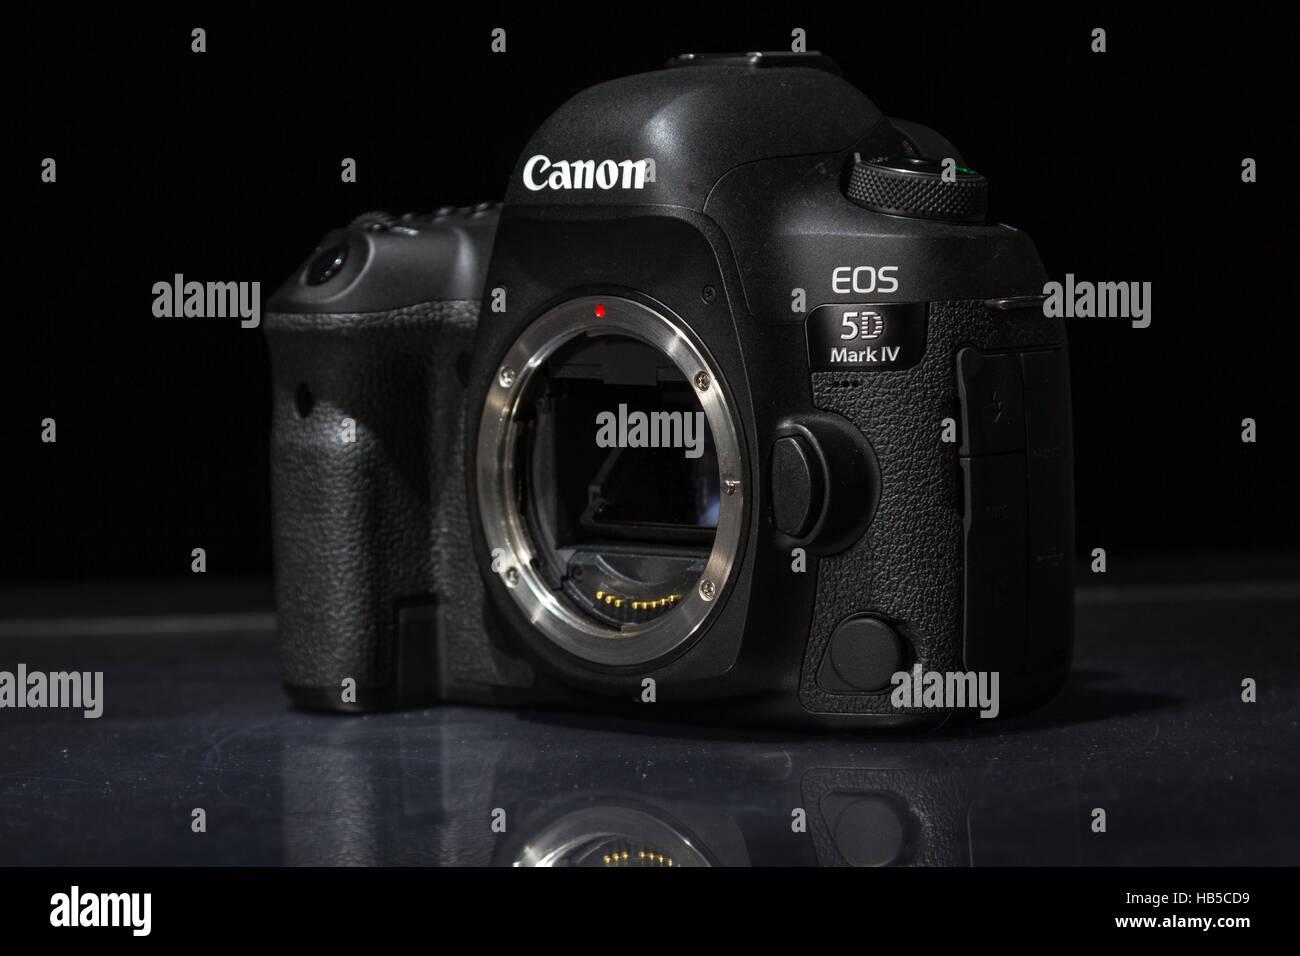 Canon 5D Mark IV Kamera Körper auf einem dunklen Hintergrund ...